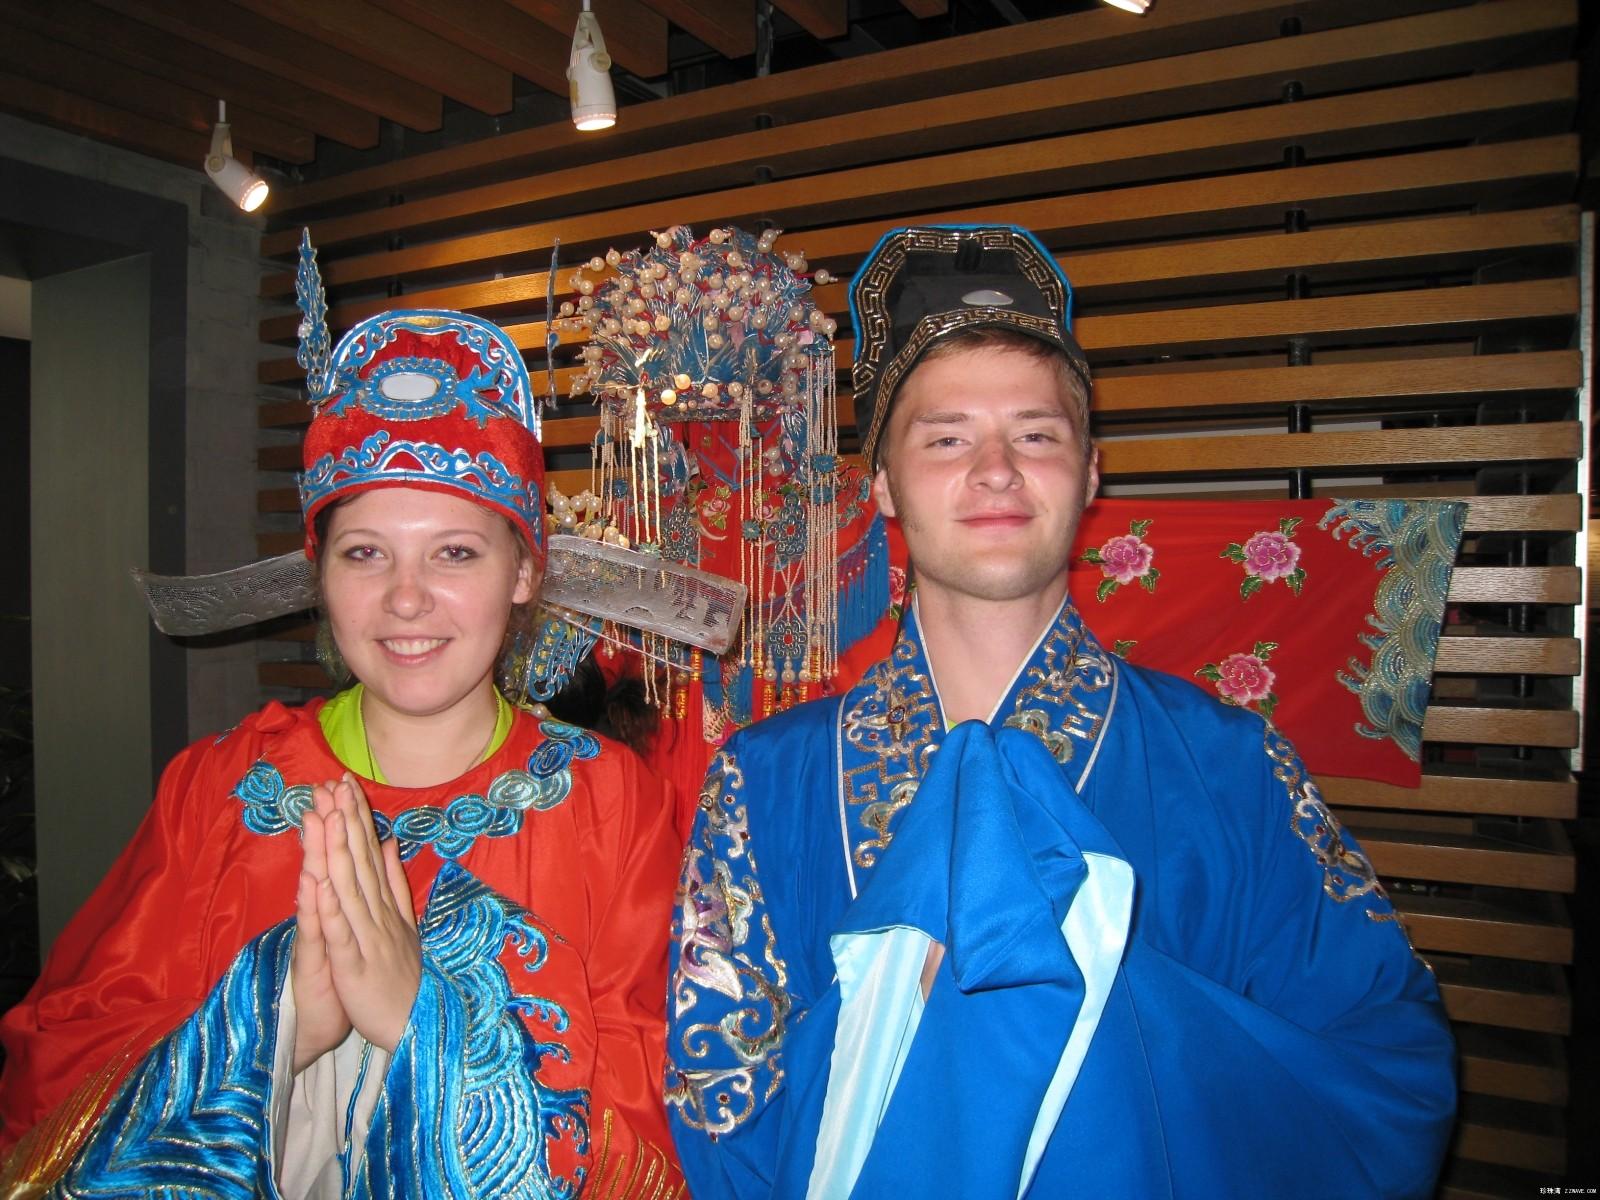 俄罗斯大学生参观国家汉办5年前的留影 - lliiang1017 - 燕山红场的博客